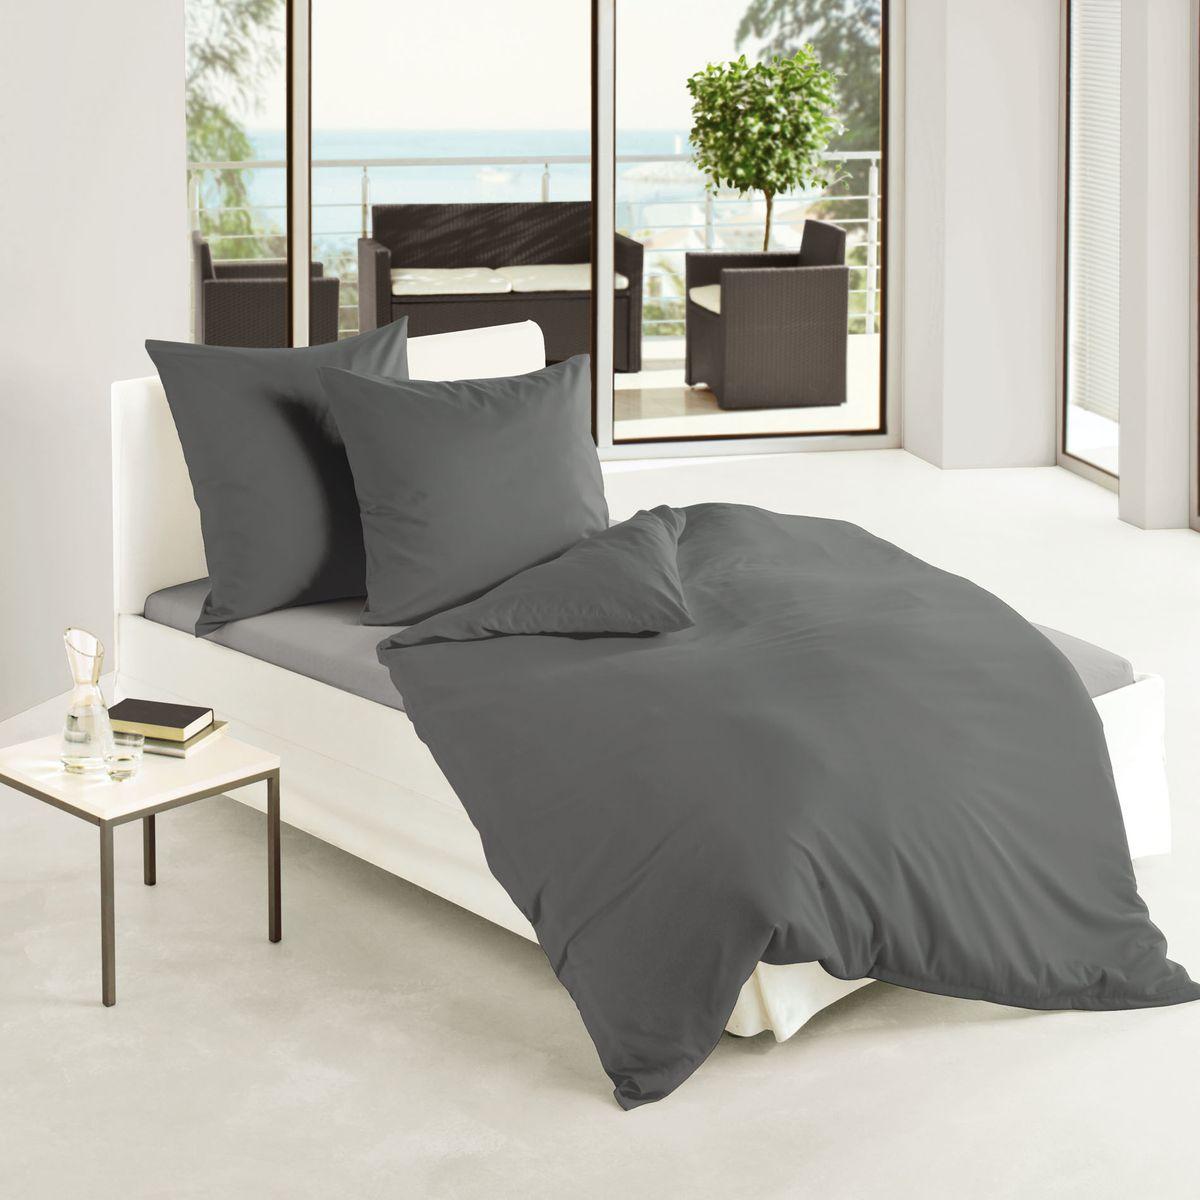 bierbaum uni fein biber bettw sche 3 tlg 200x200cm silber anthrazit leinen wei ebay. Black Bedroom Furniture Sets. Home Design Ideas